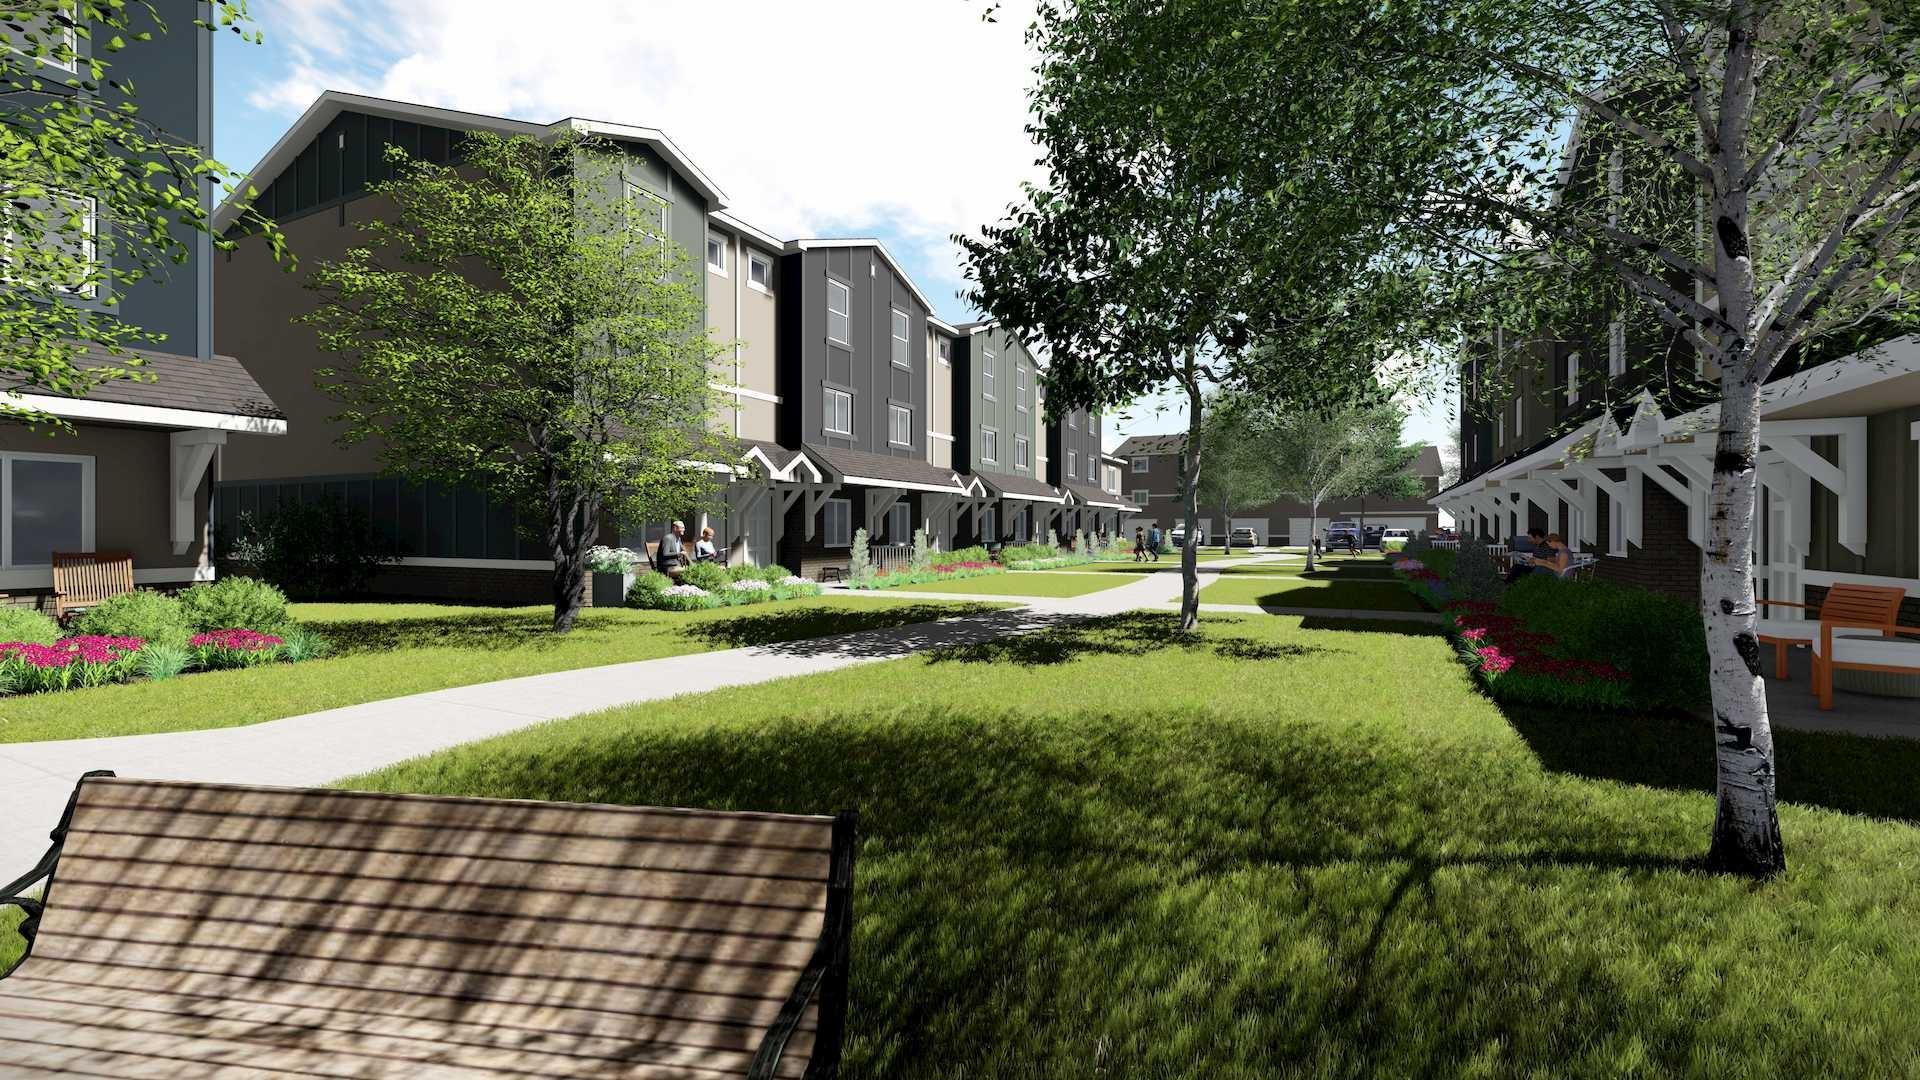 Village at Brickyard, fourplex development in Boise Valley